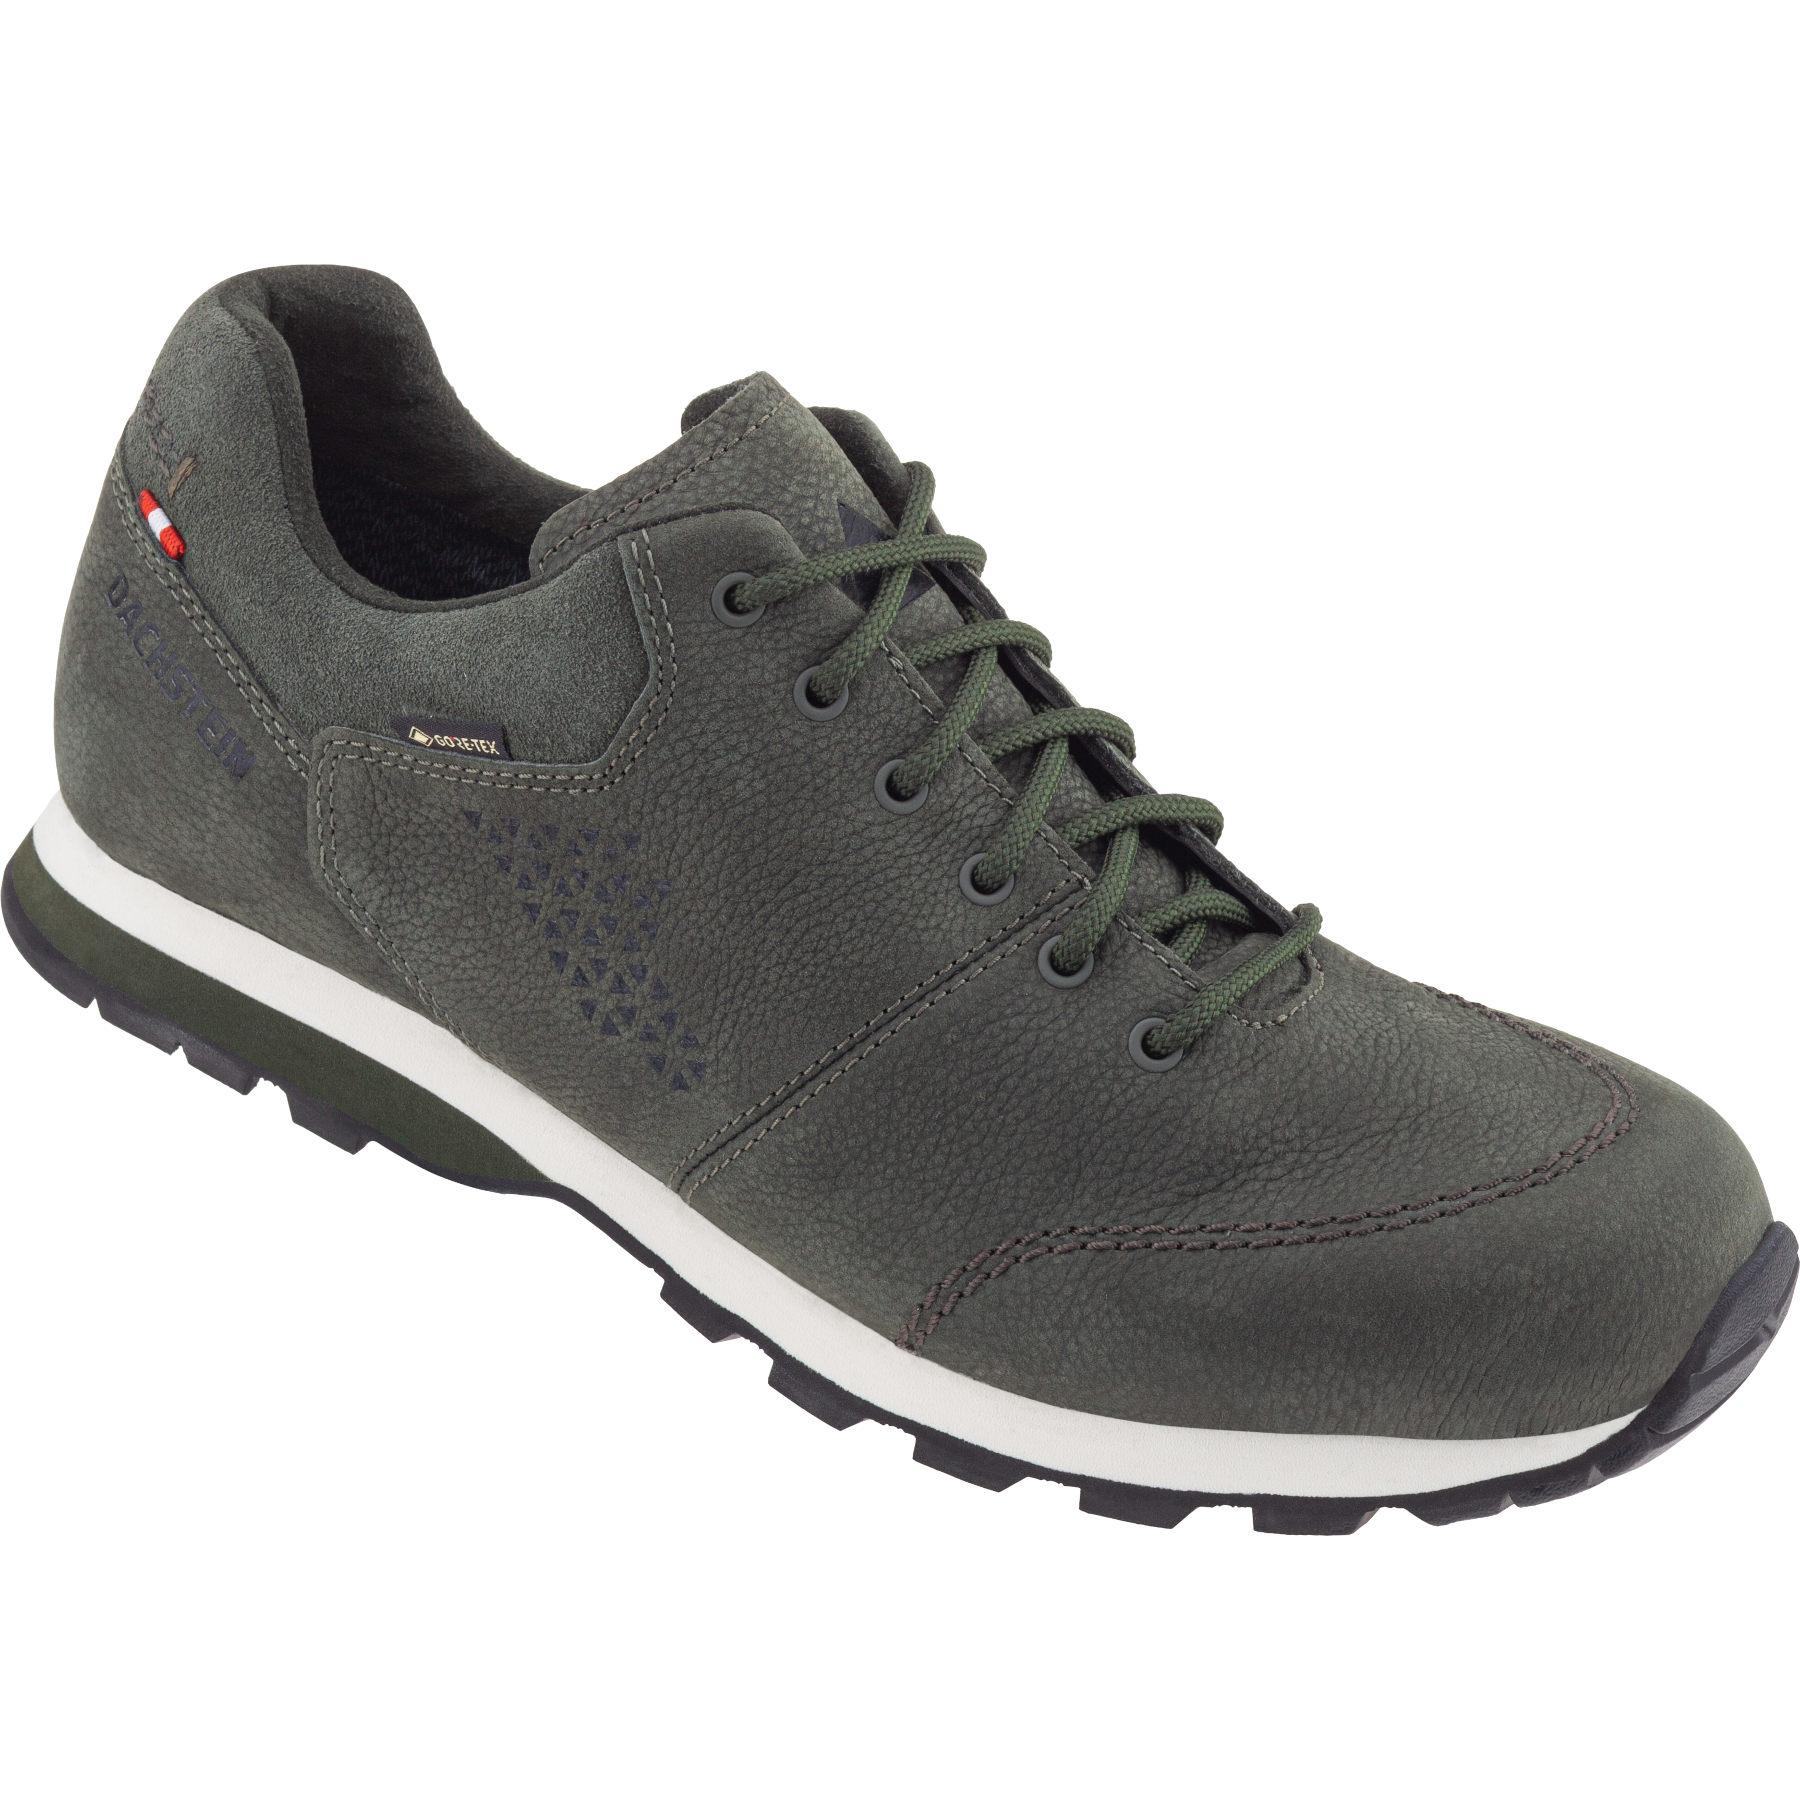 Dachstein Skyline LC GTX Shoes - dark olive